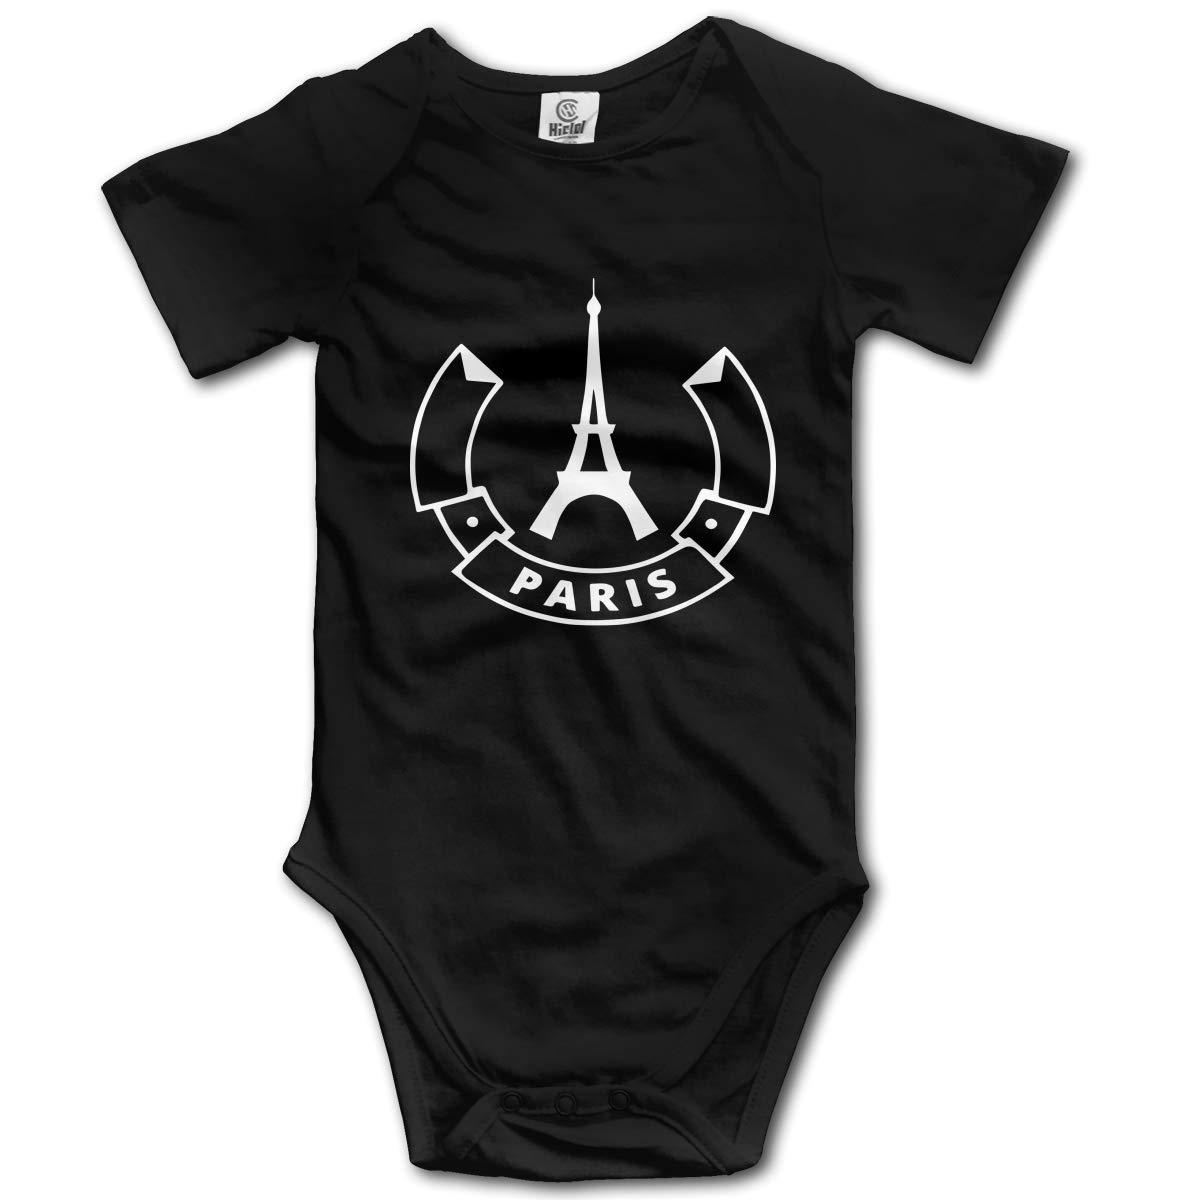 Newborn Paris 1 Short Sleeve Climbing Clothes Bodysuits Jumpsuit Suit 6-24 Months